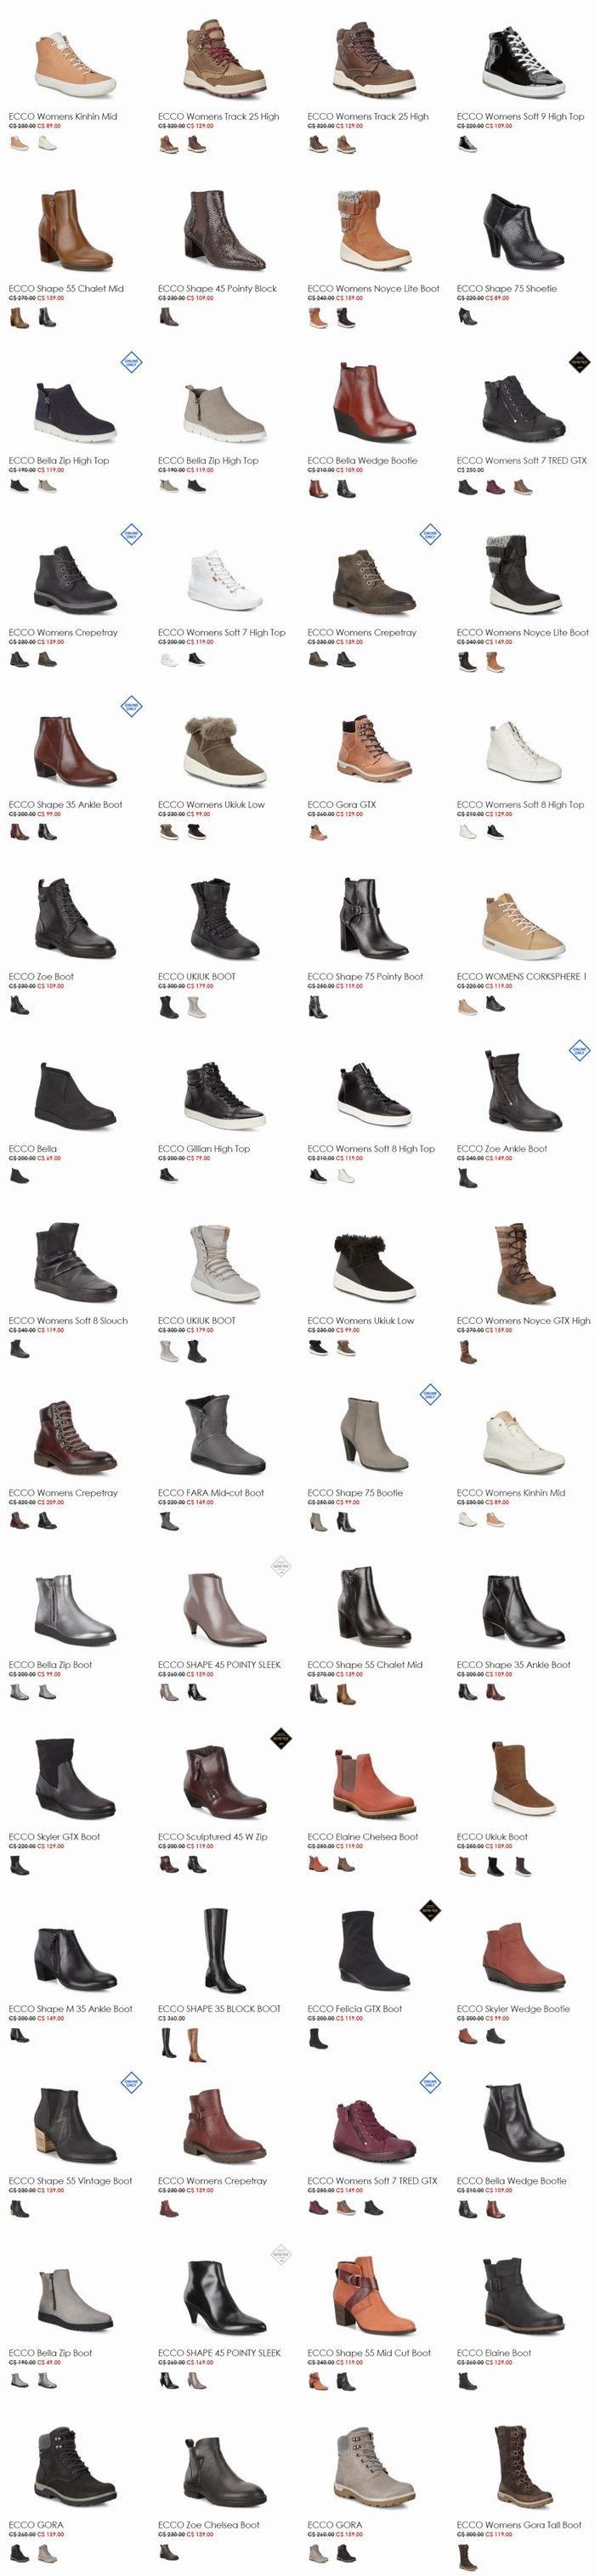 新款加入!ECCO 爱步 官网大促再减价!全场男女时尚鞋靴 5折起优惠!